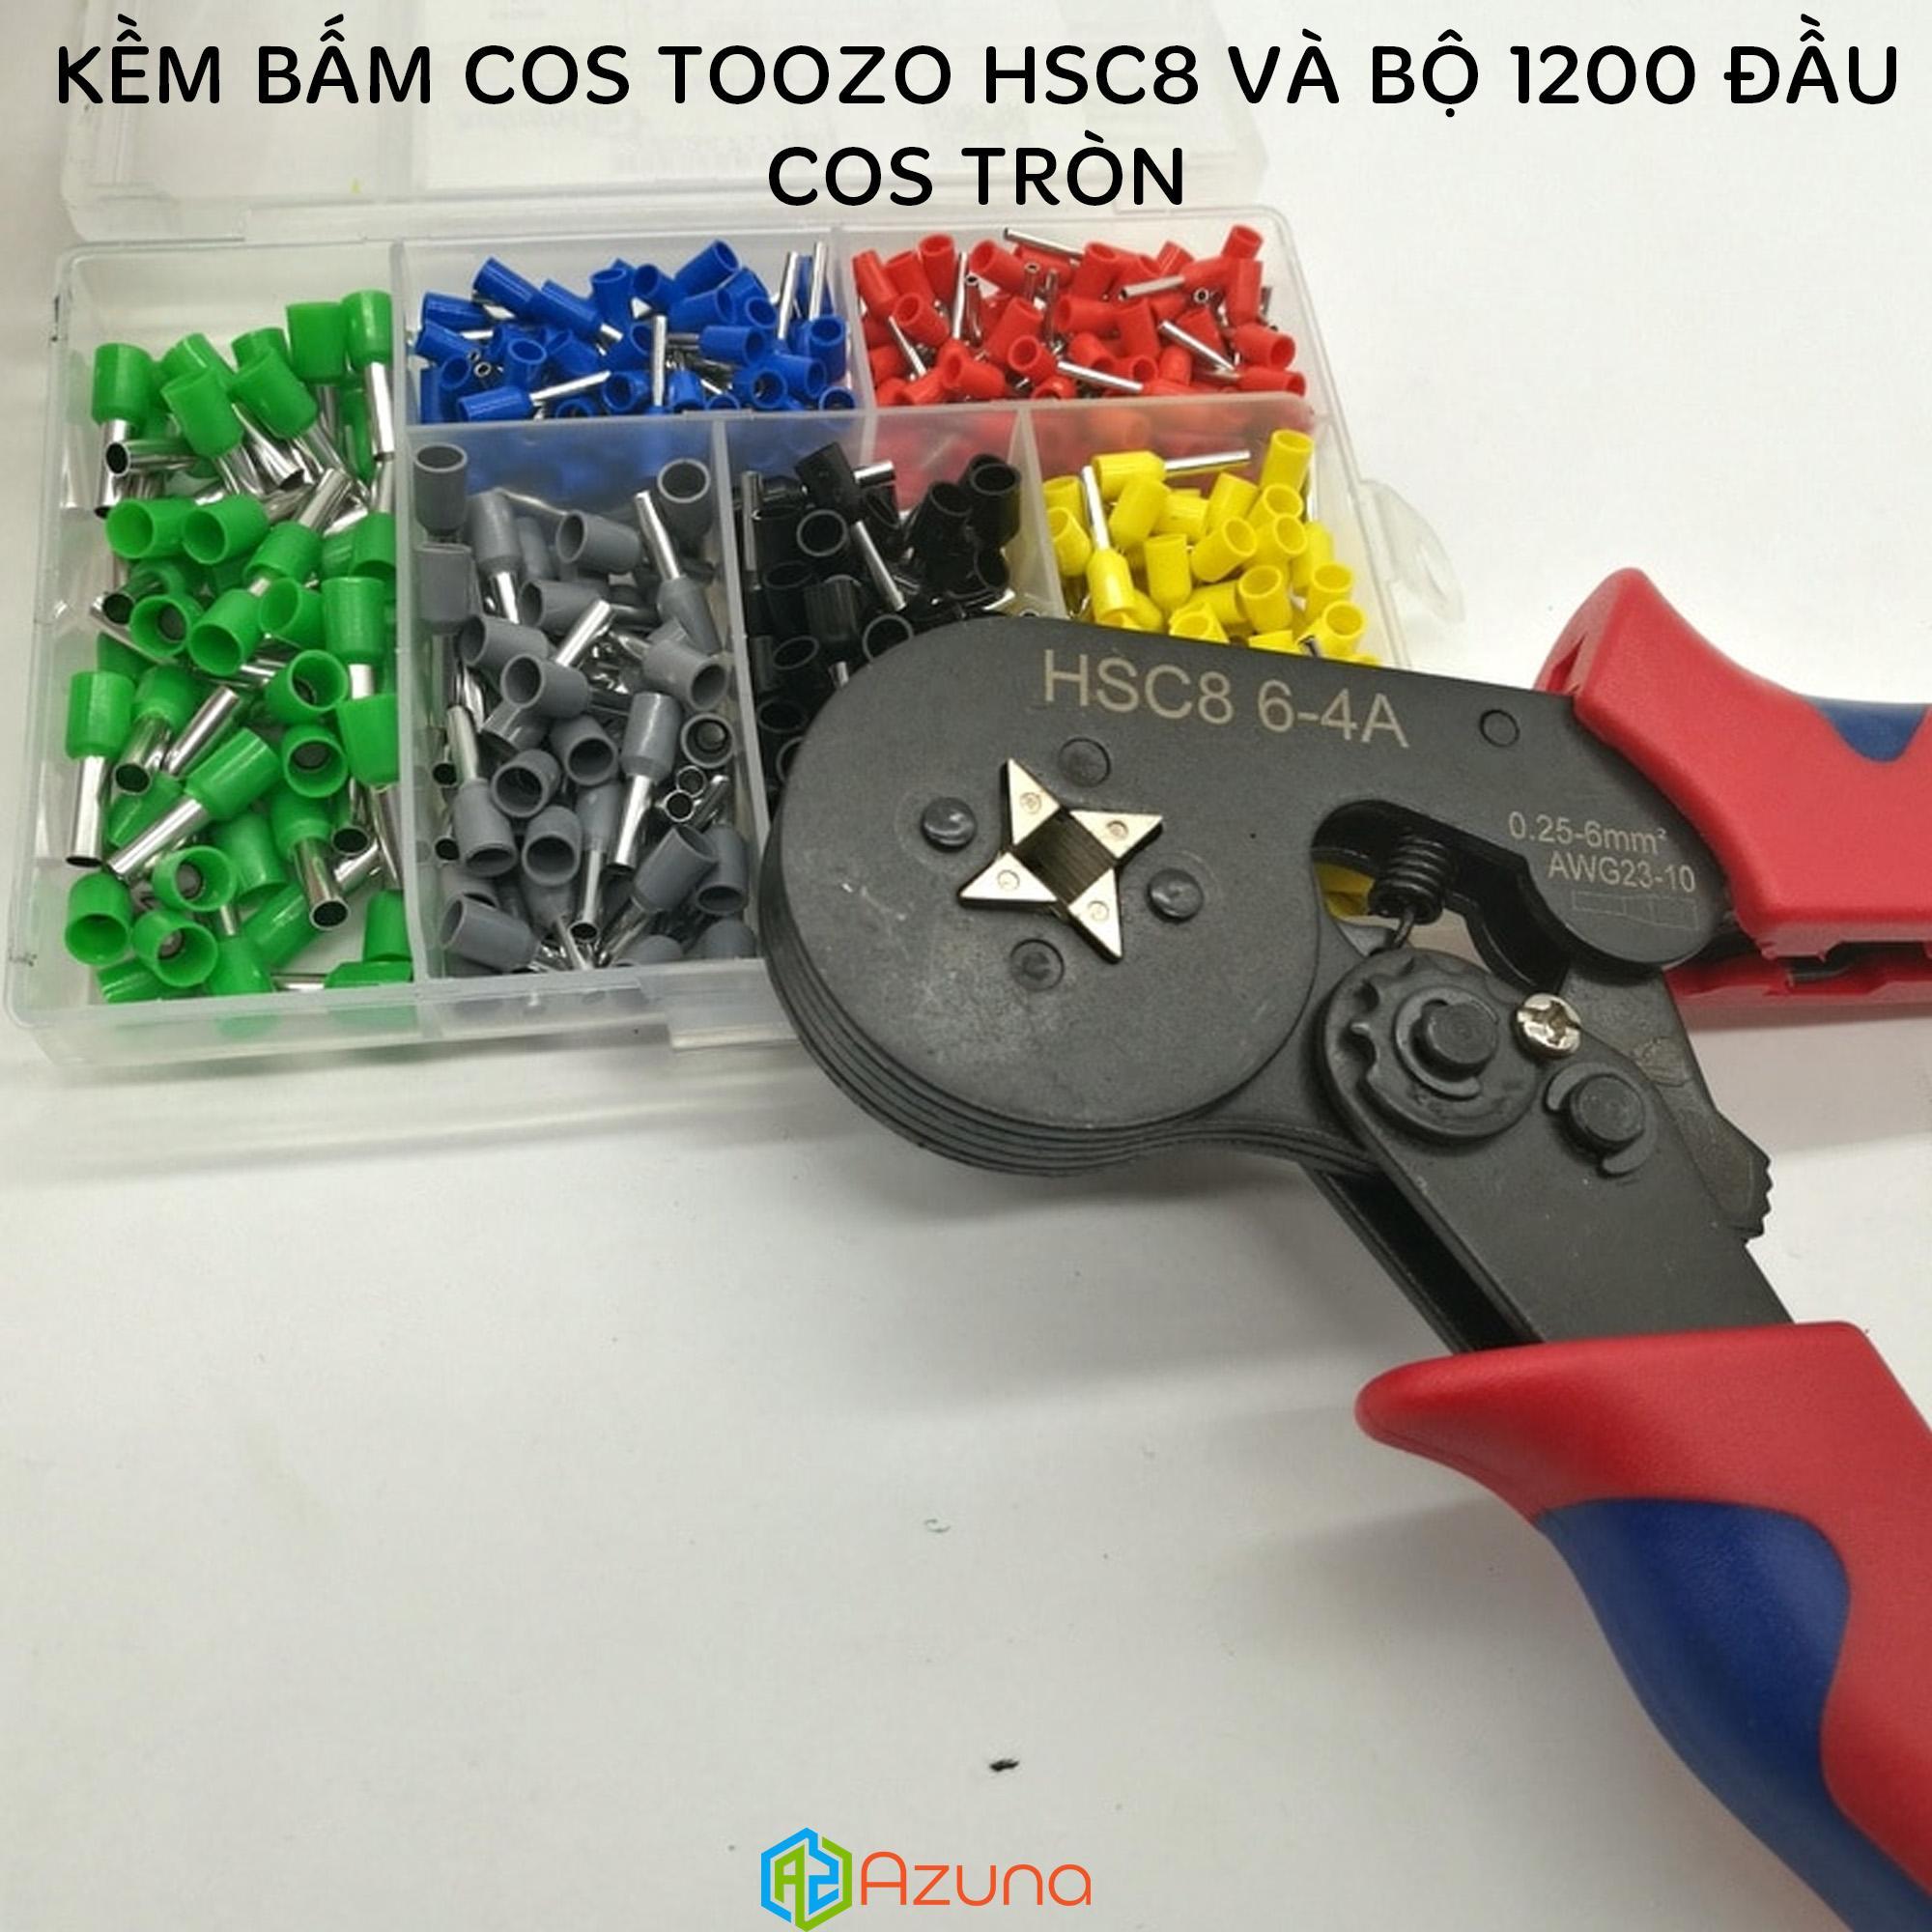 Set kềm bấm cos TOOZO HSC8 và bộ 1200 cos tròn (Kìm bấm cốt và 1200 cốt)